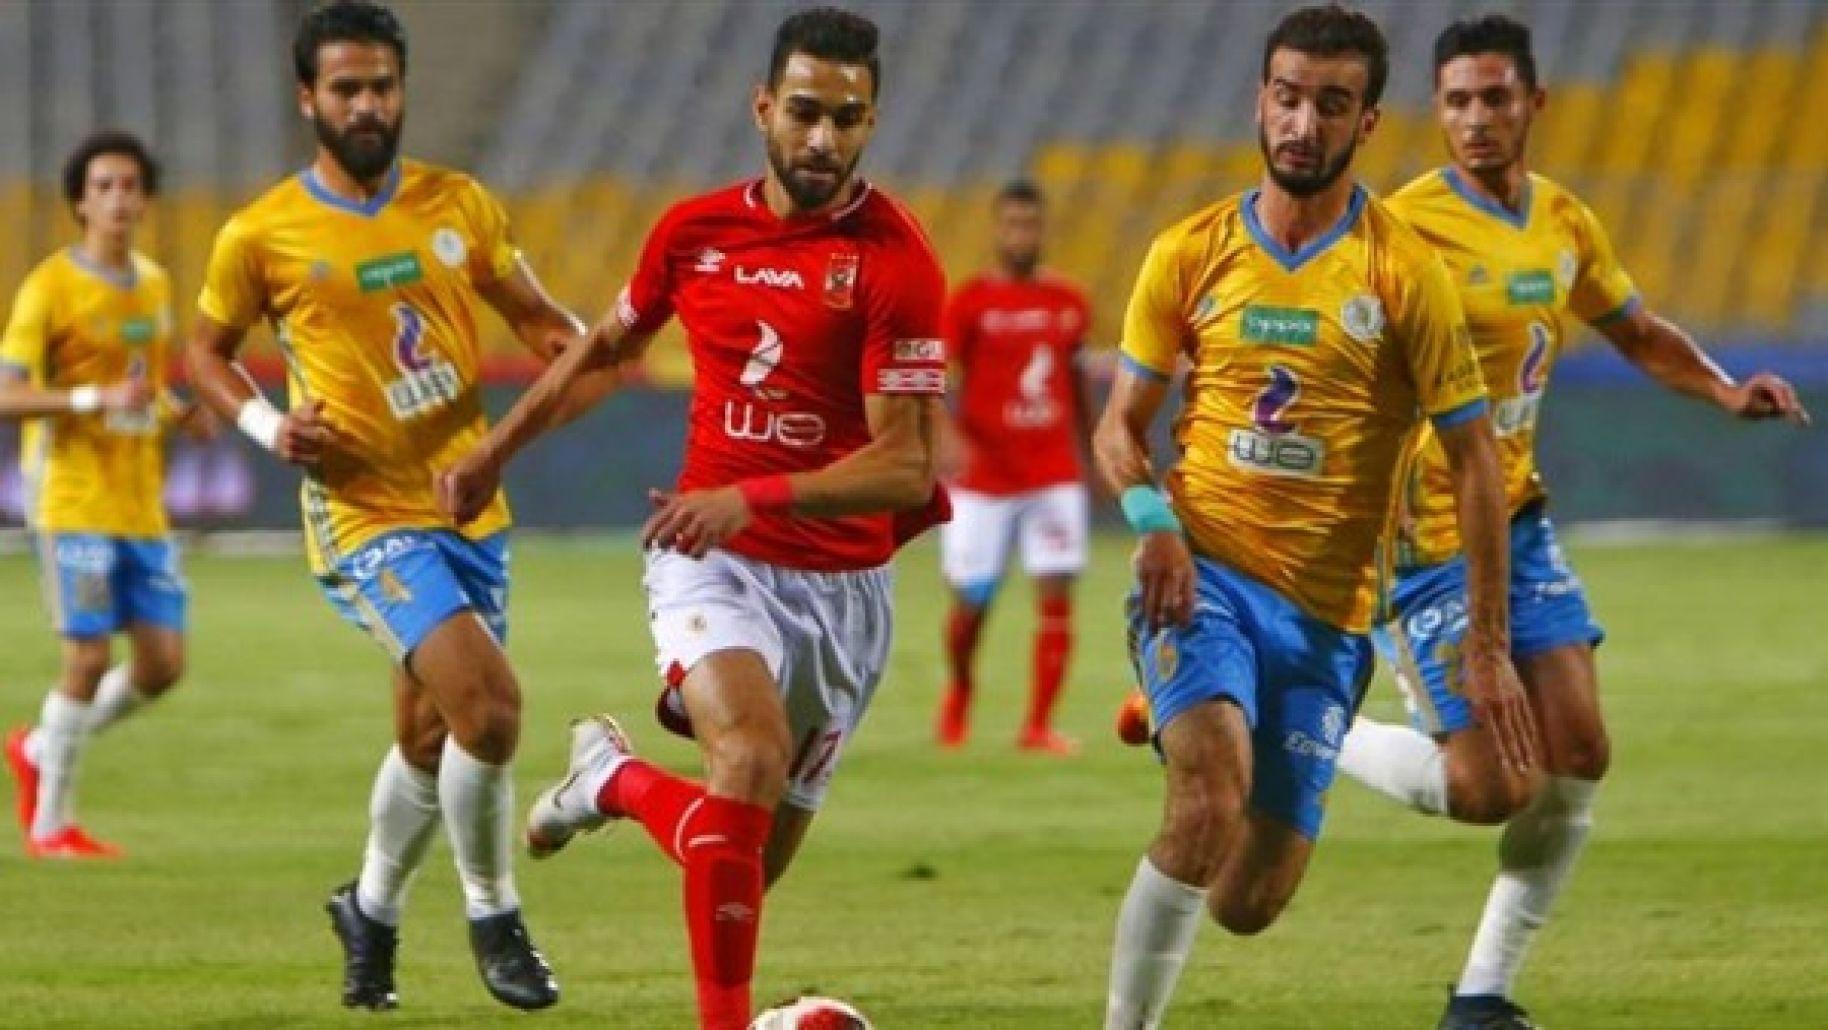 موعد مباراة الأهلي ضد الإسماعيلي في قمة الدوري المصري والقنوات الناقلة